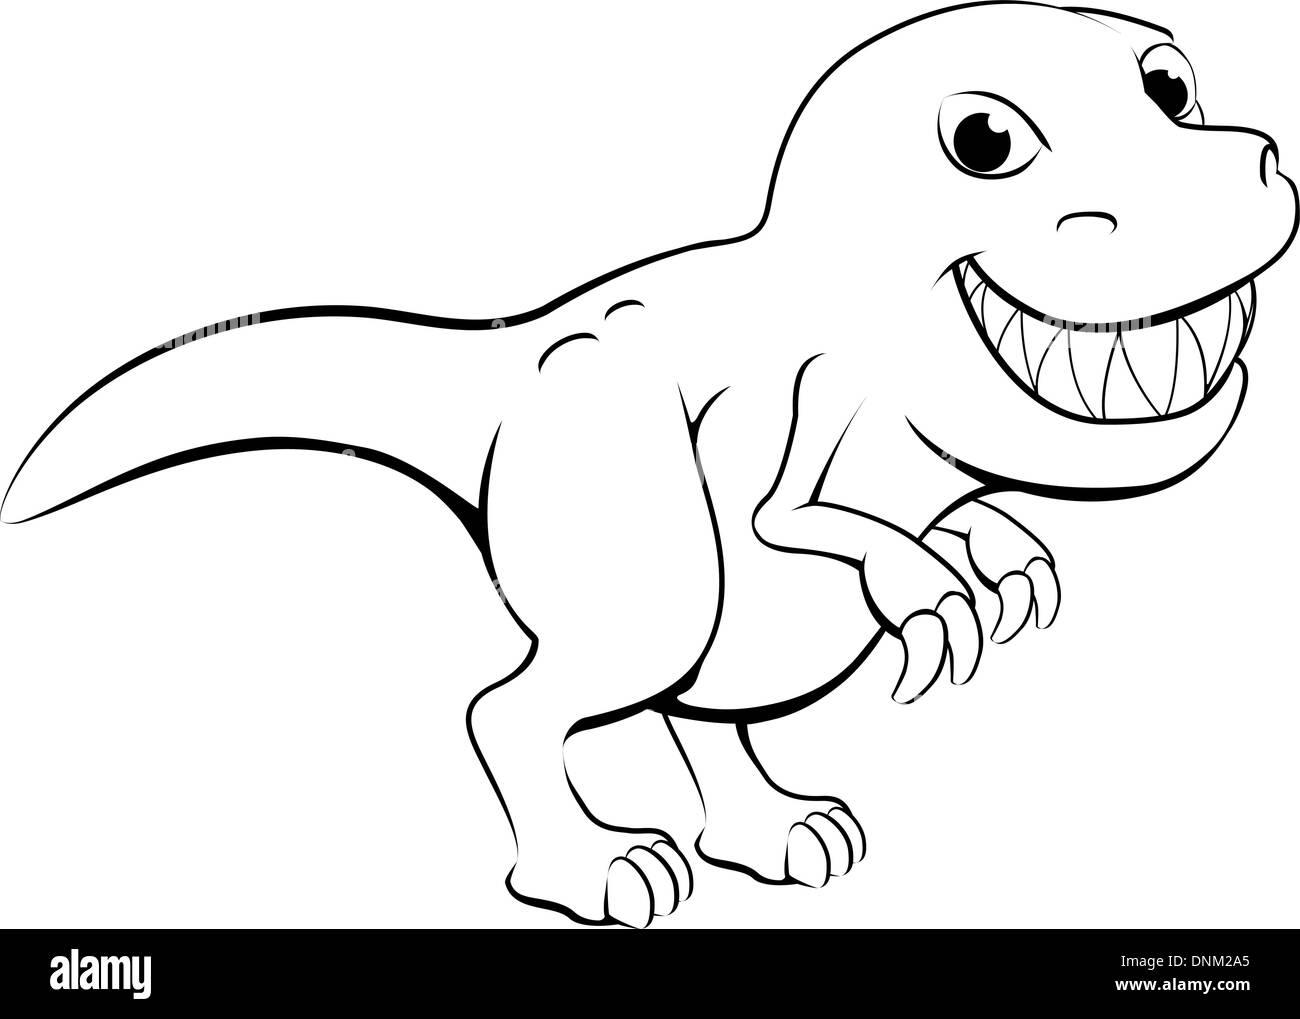 Schwarz / weiß Darstellung eines glücklichen Cartoon-t Rex ...